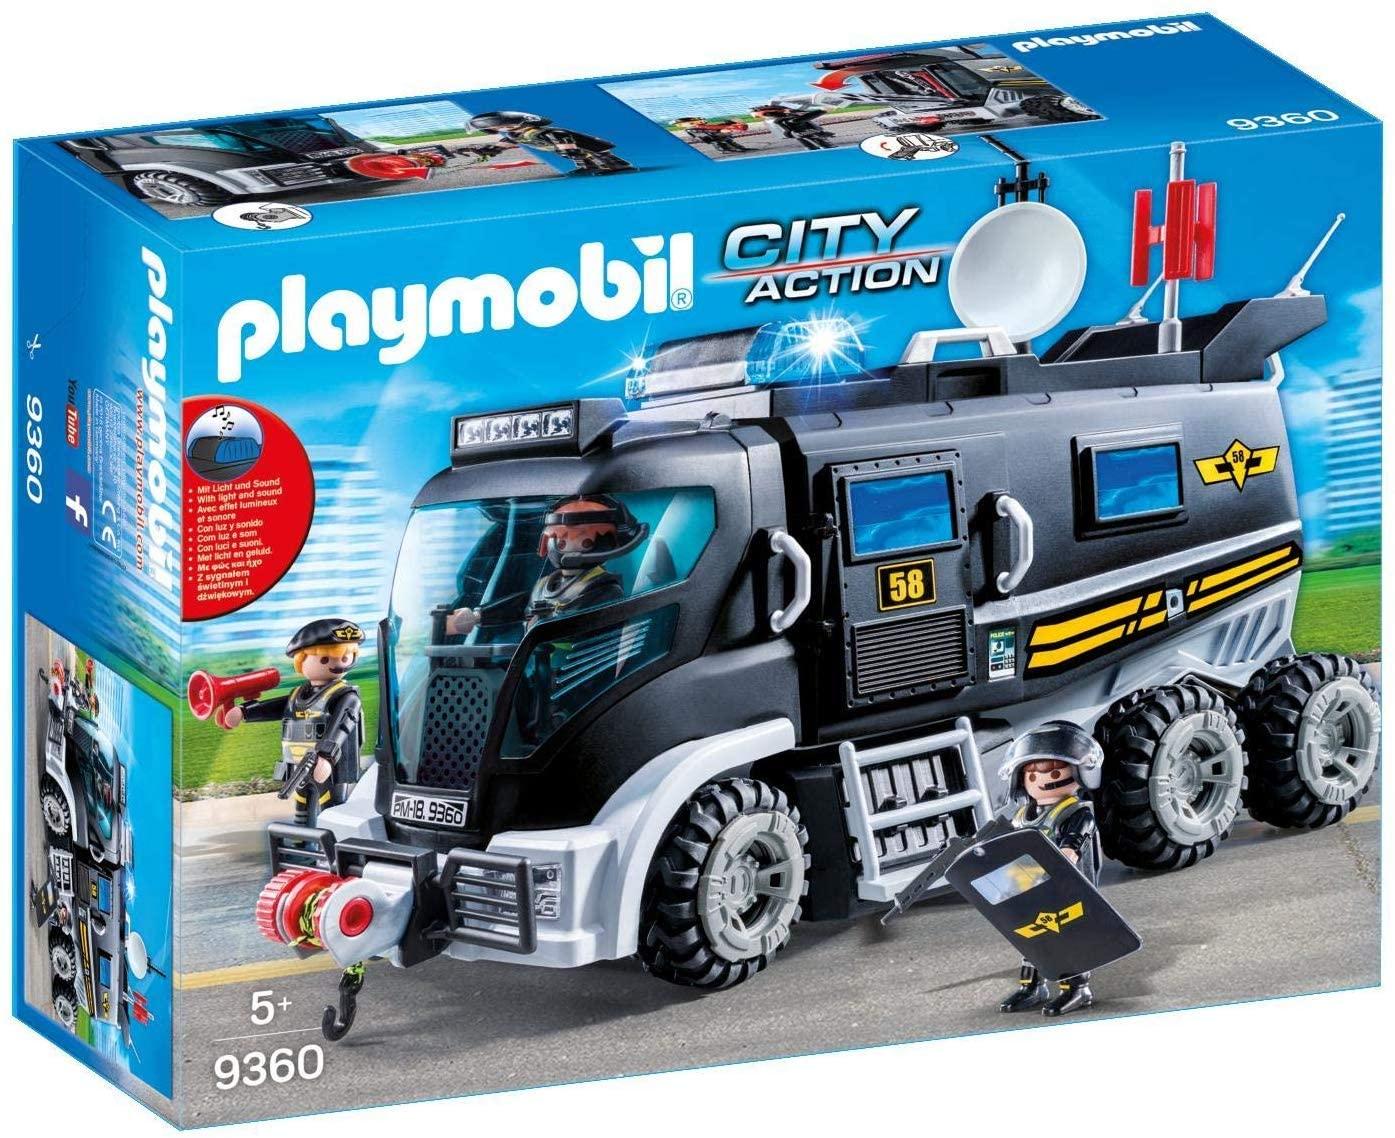 PLAYMOBIL City Action Vehículo asalto con luz LED y Módulo de Sonido